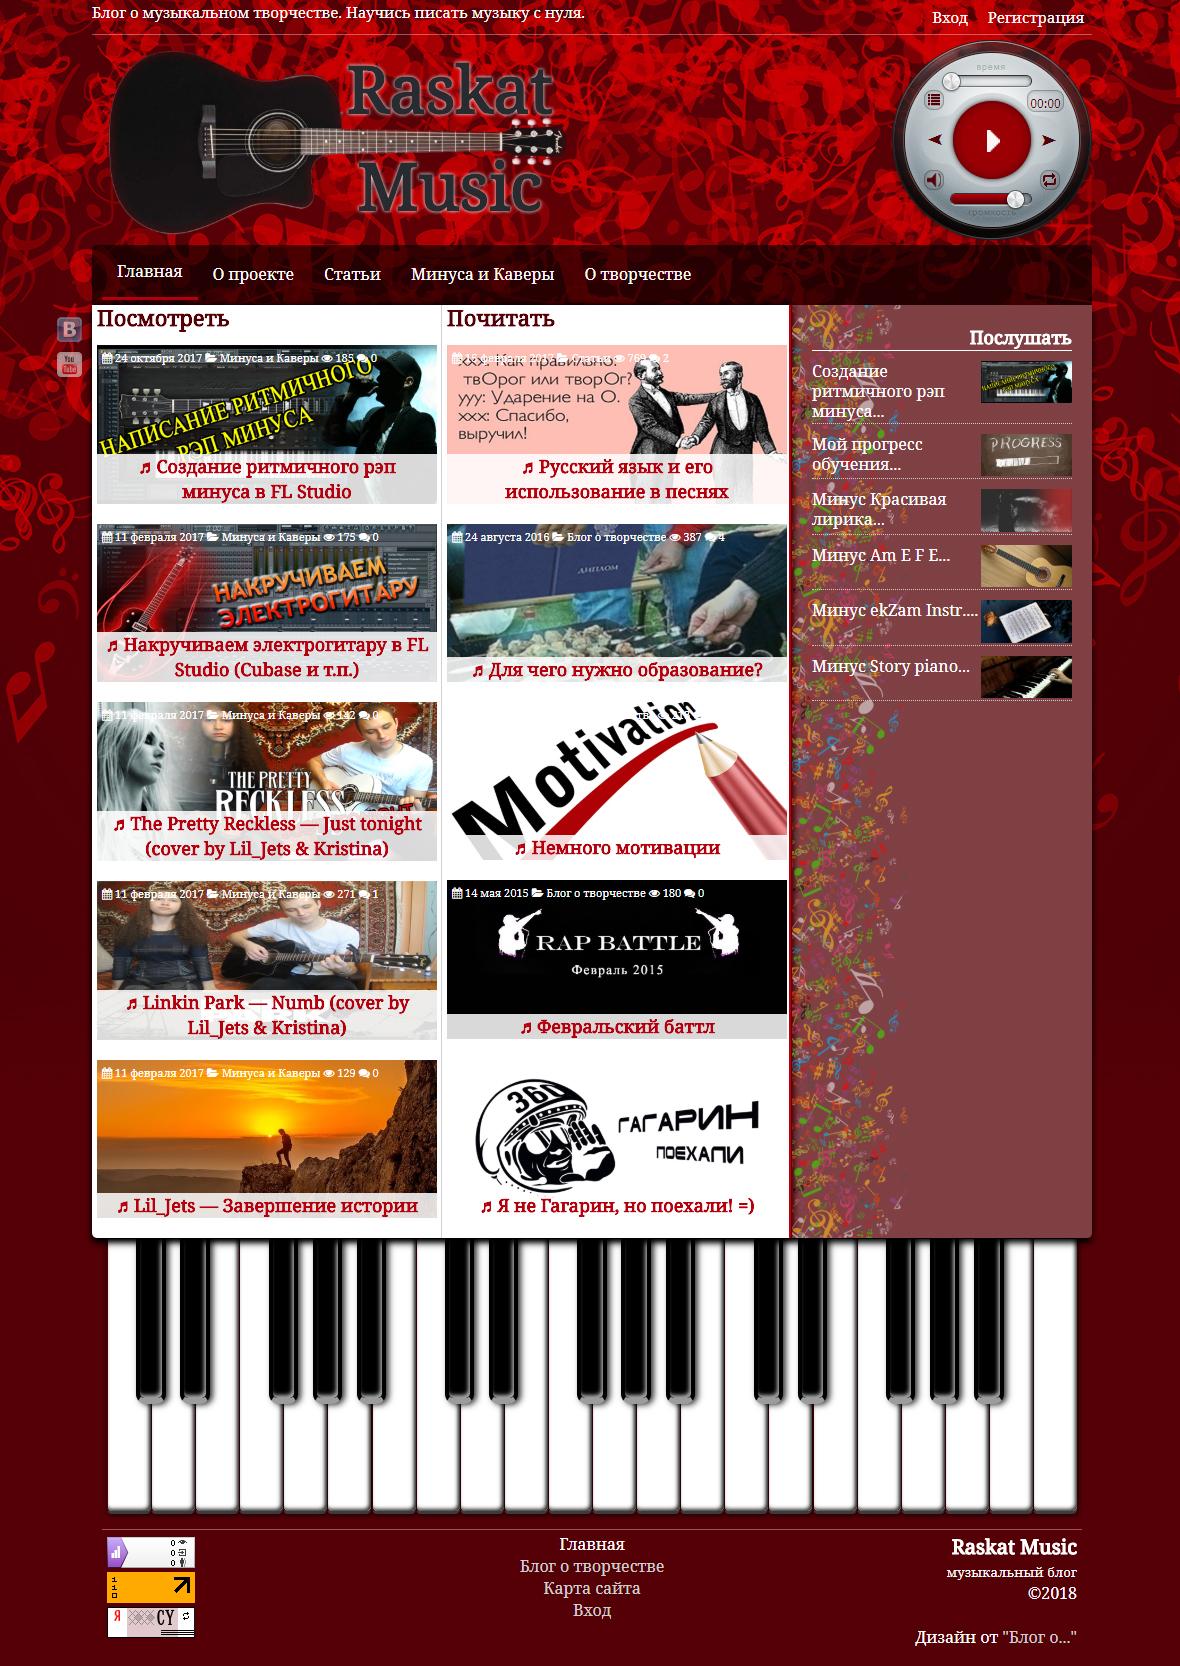 Сайт для музыкального блога Raskat Music